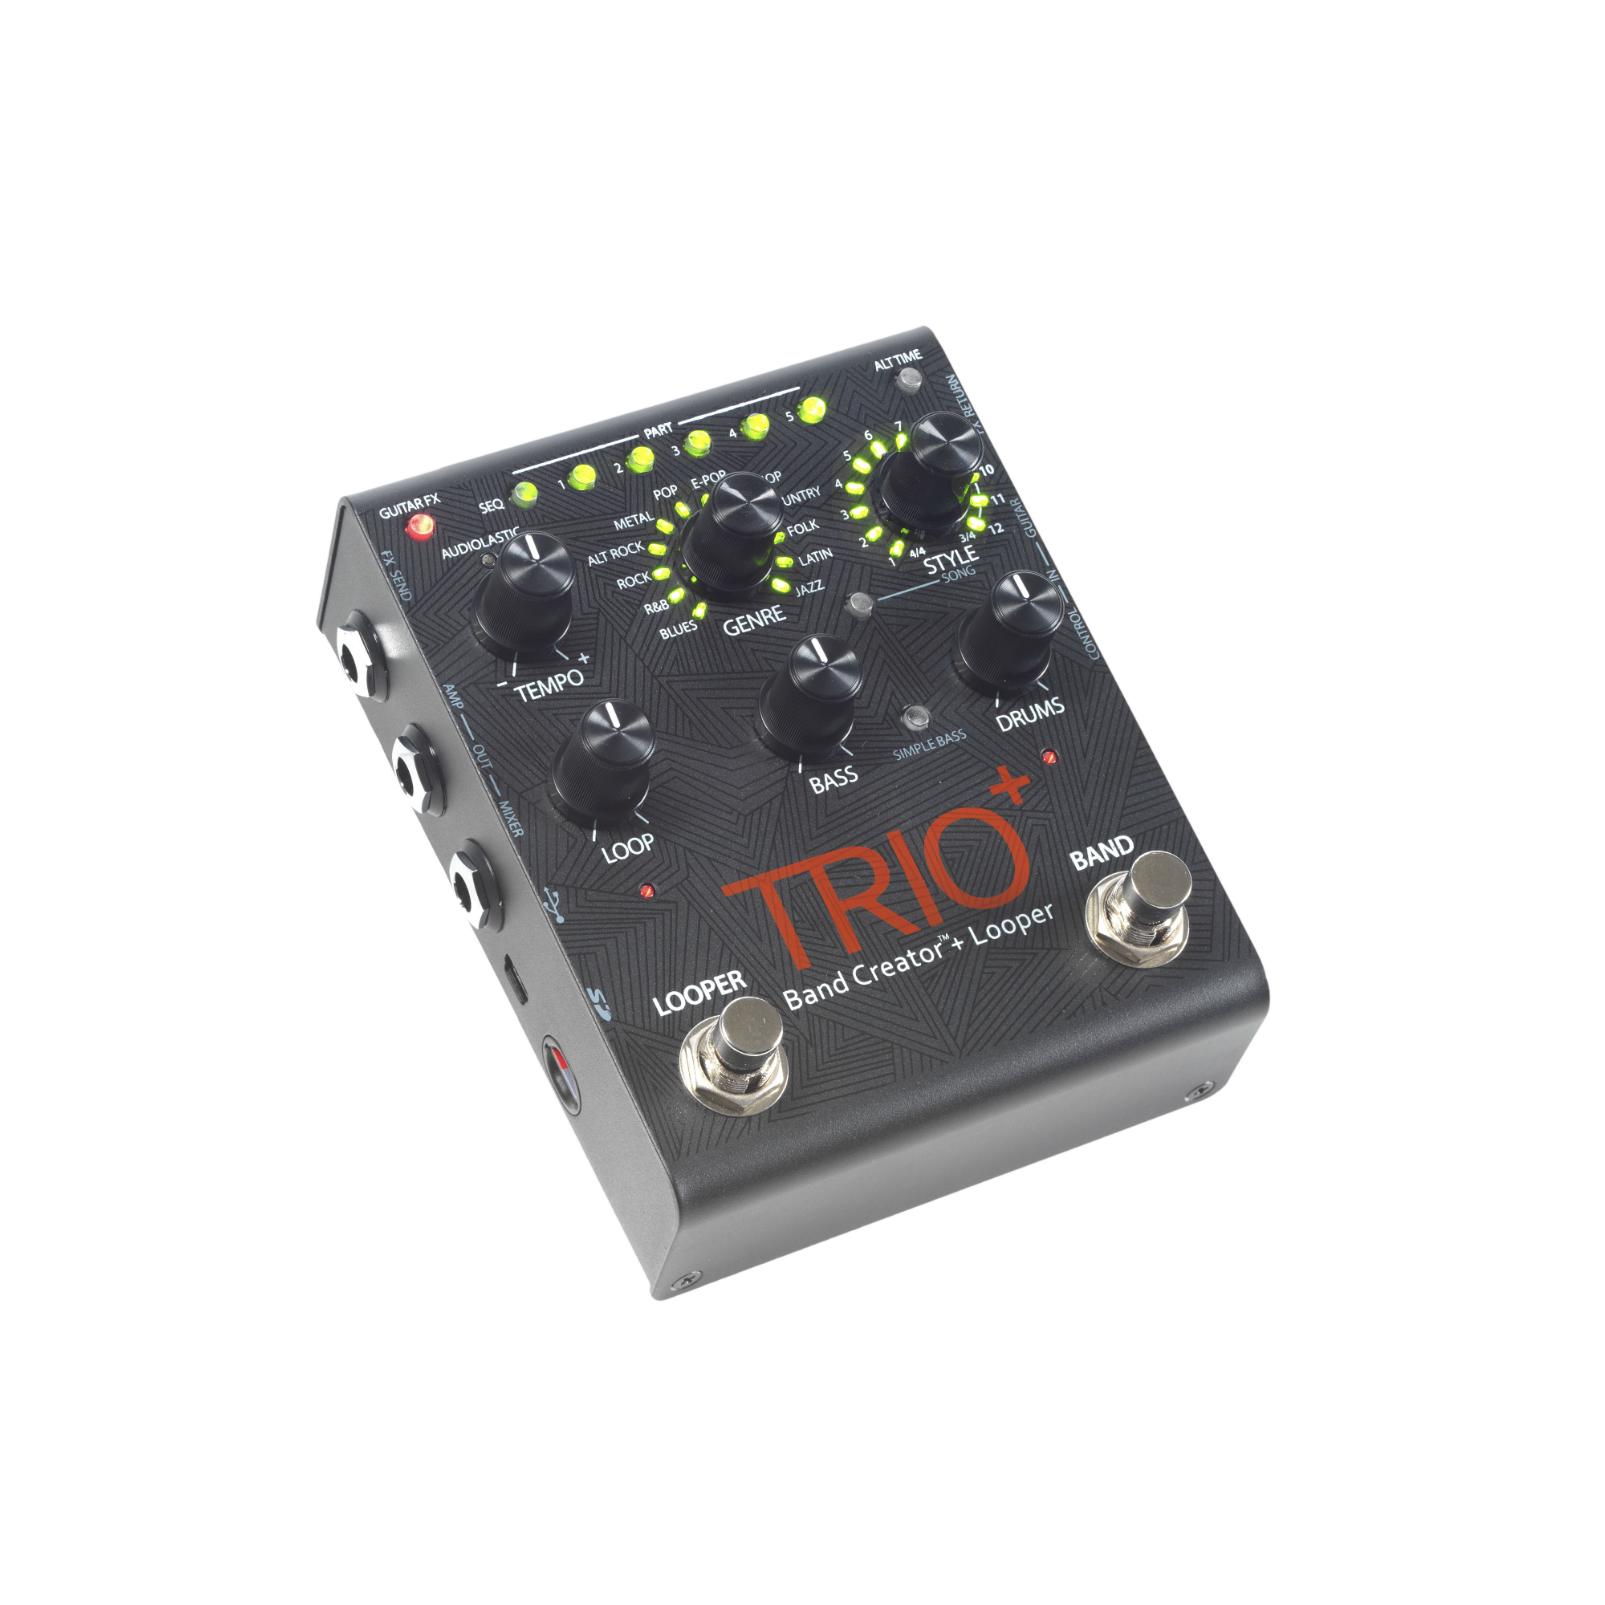 TRIO+ - Black - Band Creator + Looper - Detailshot 3